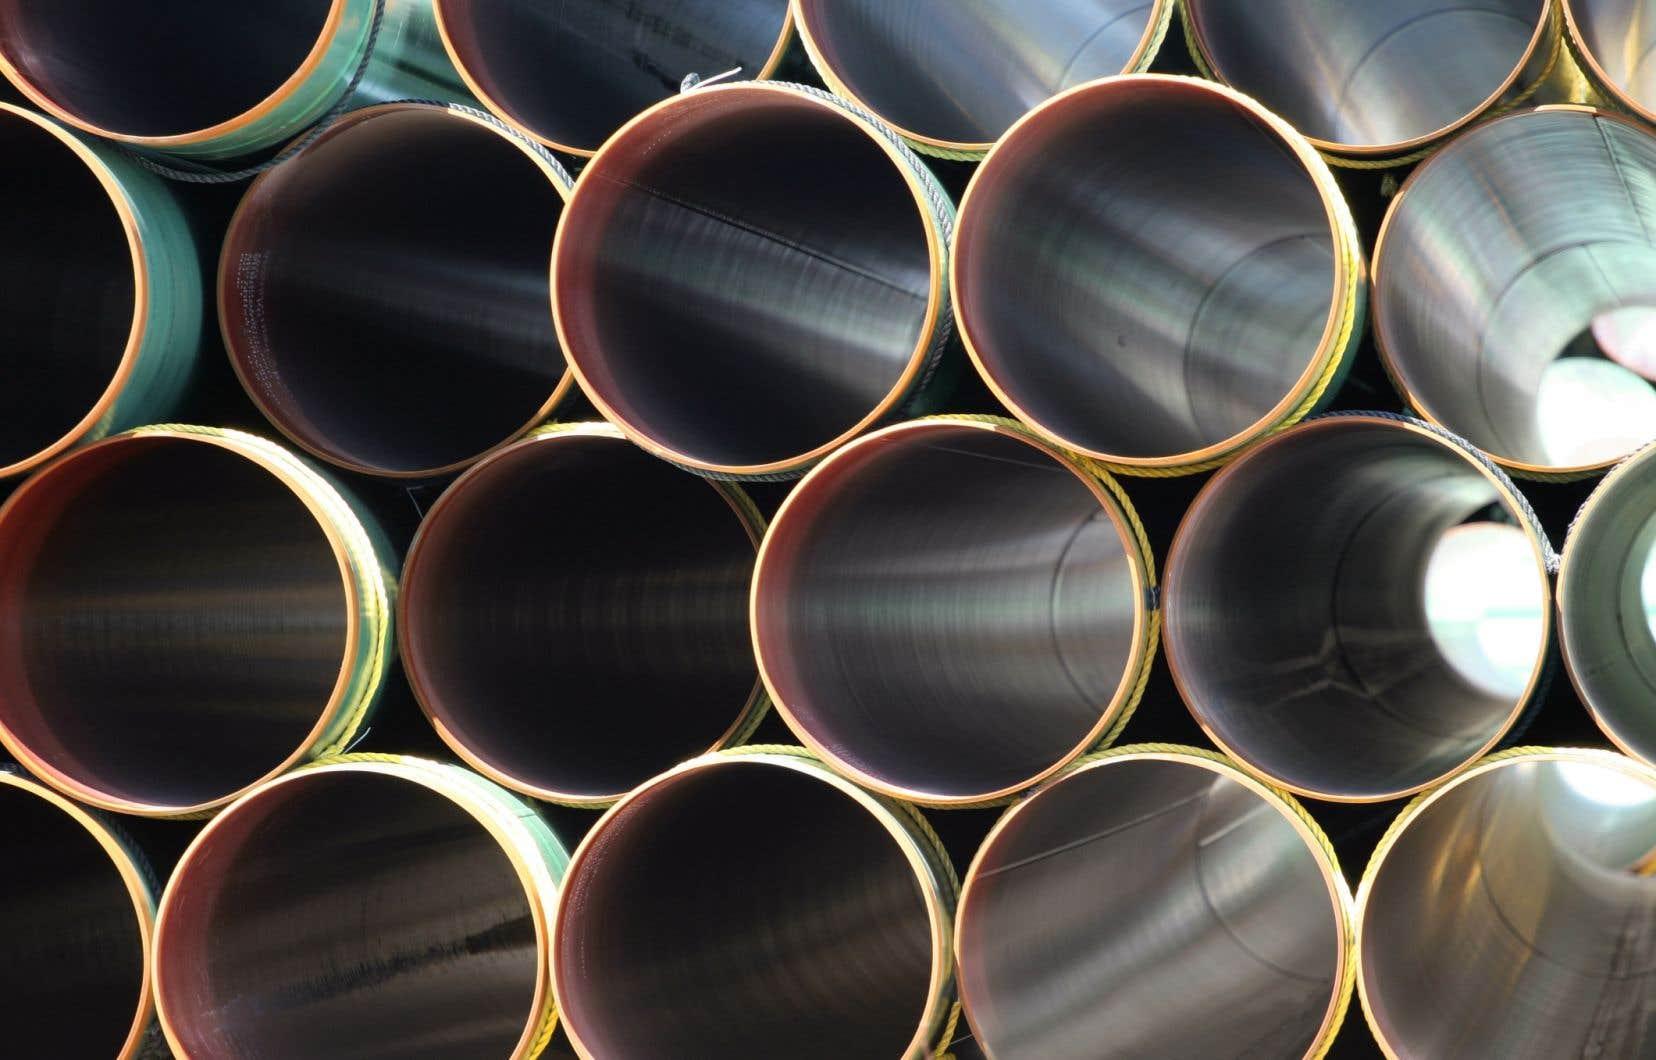 Le nouveau pipeline permettrait de transporter chaque jour 1,1million de barils de pétrole de l'Alberta jusqu'au Nouveau-Brunswick, en traversant notamment le territoire du Québec.